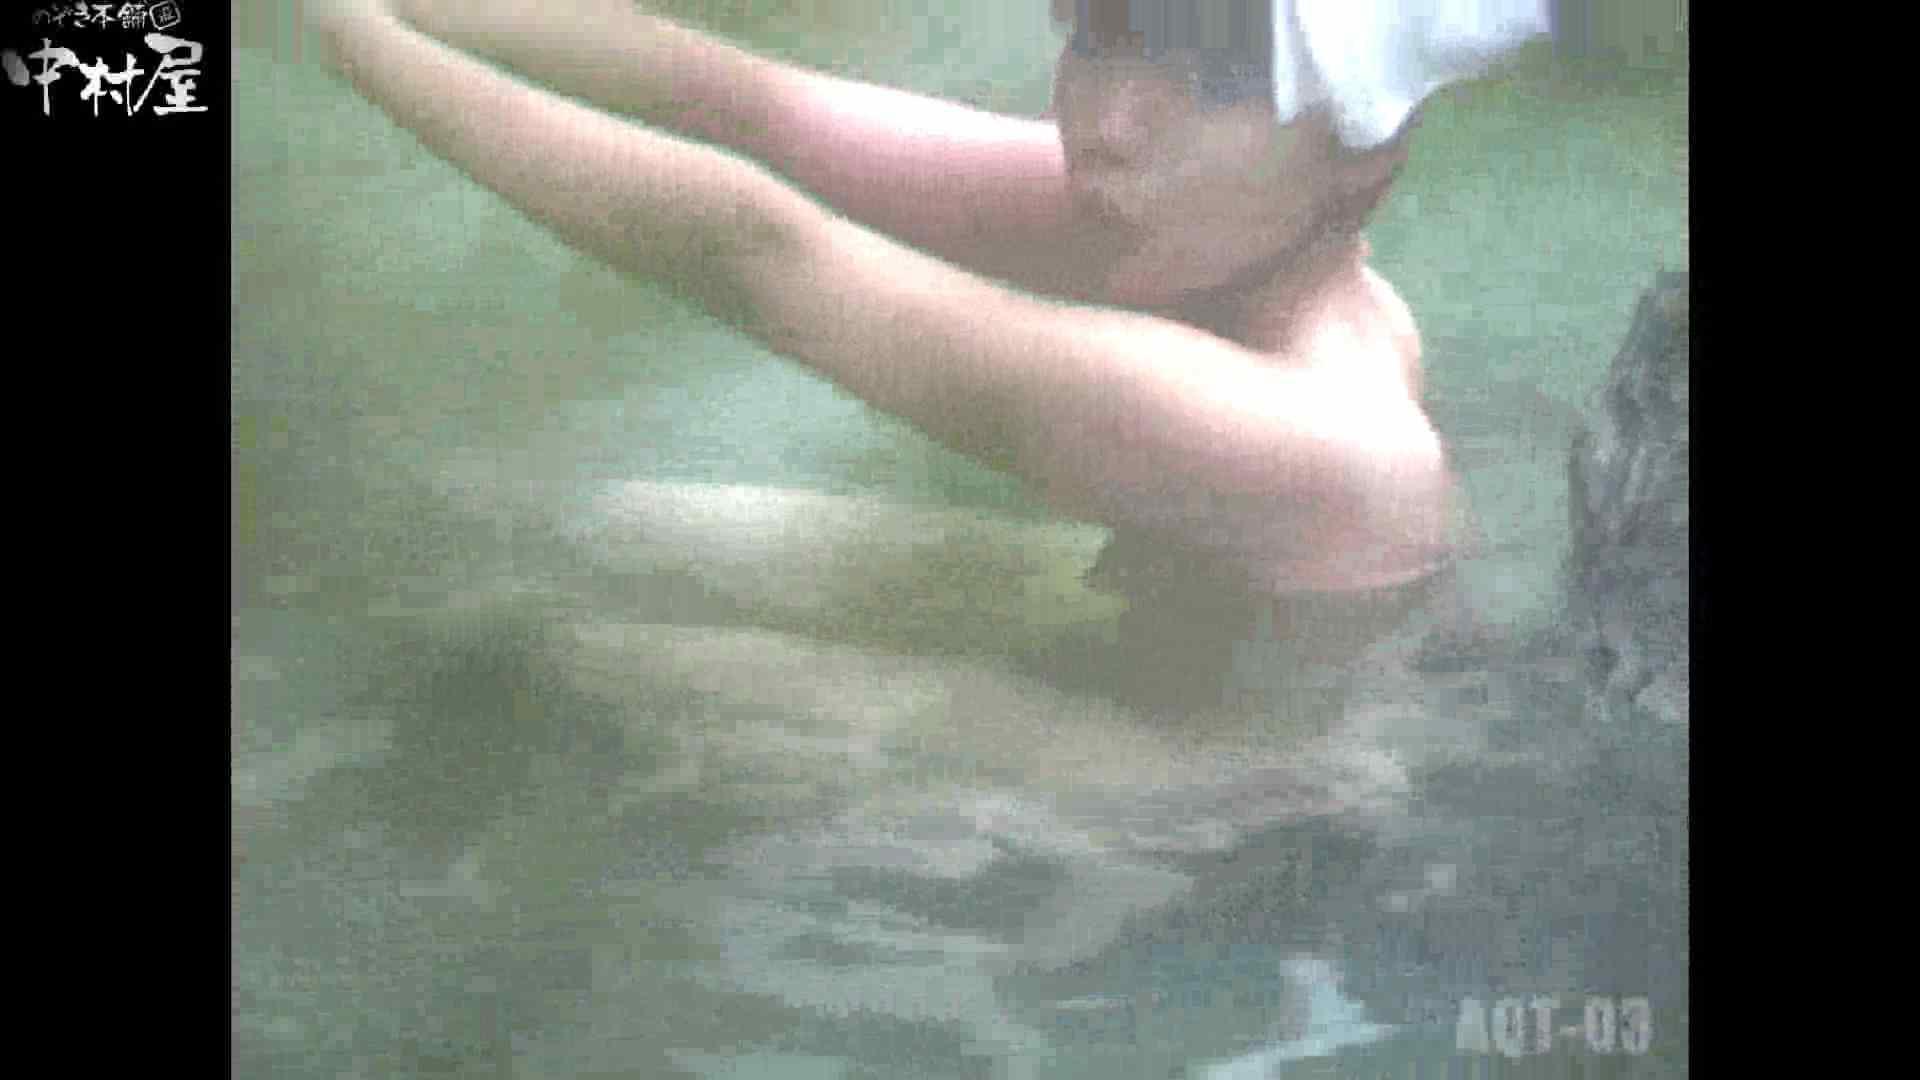 Aquaな露天風呂Vol.867潜入盗撮露天風呂参判湯 其の六 盗撮師作品  89pic 52